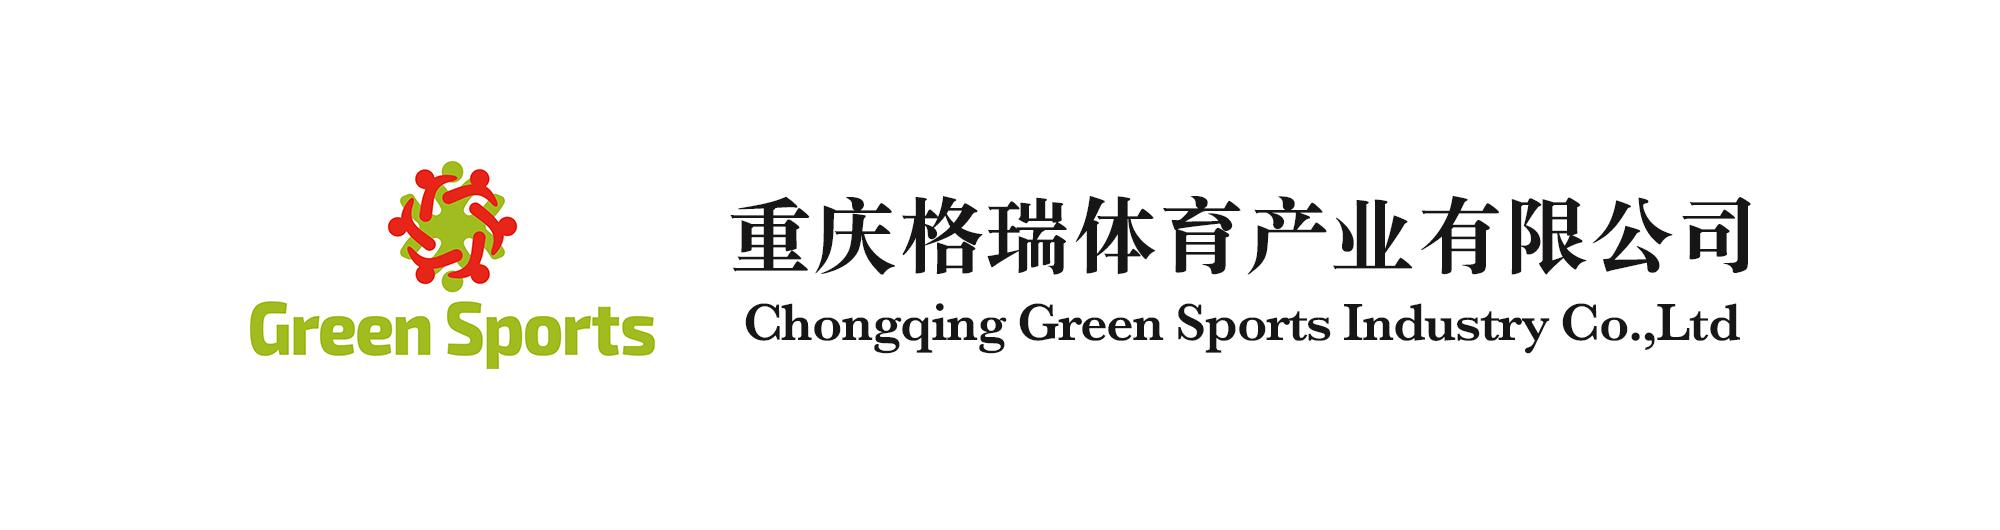 重慶格瑞體育產業有限公司